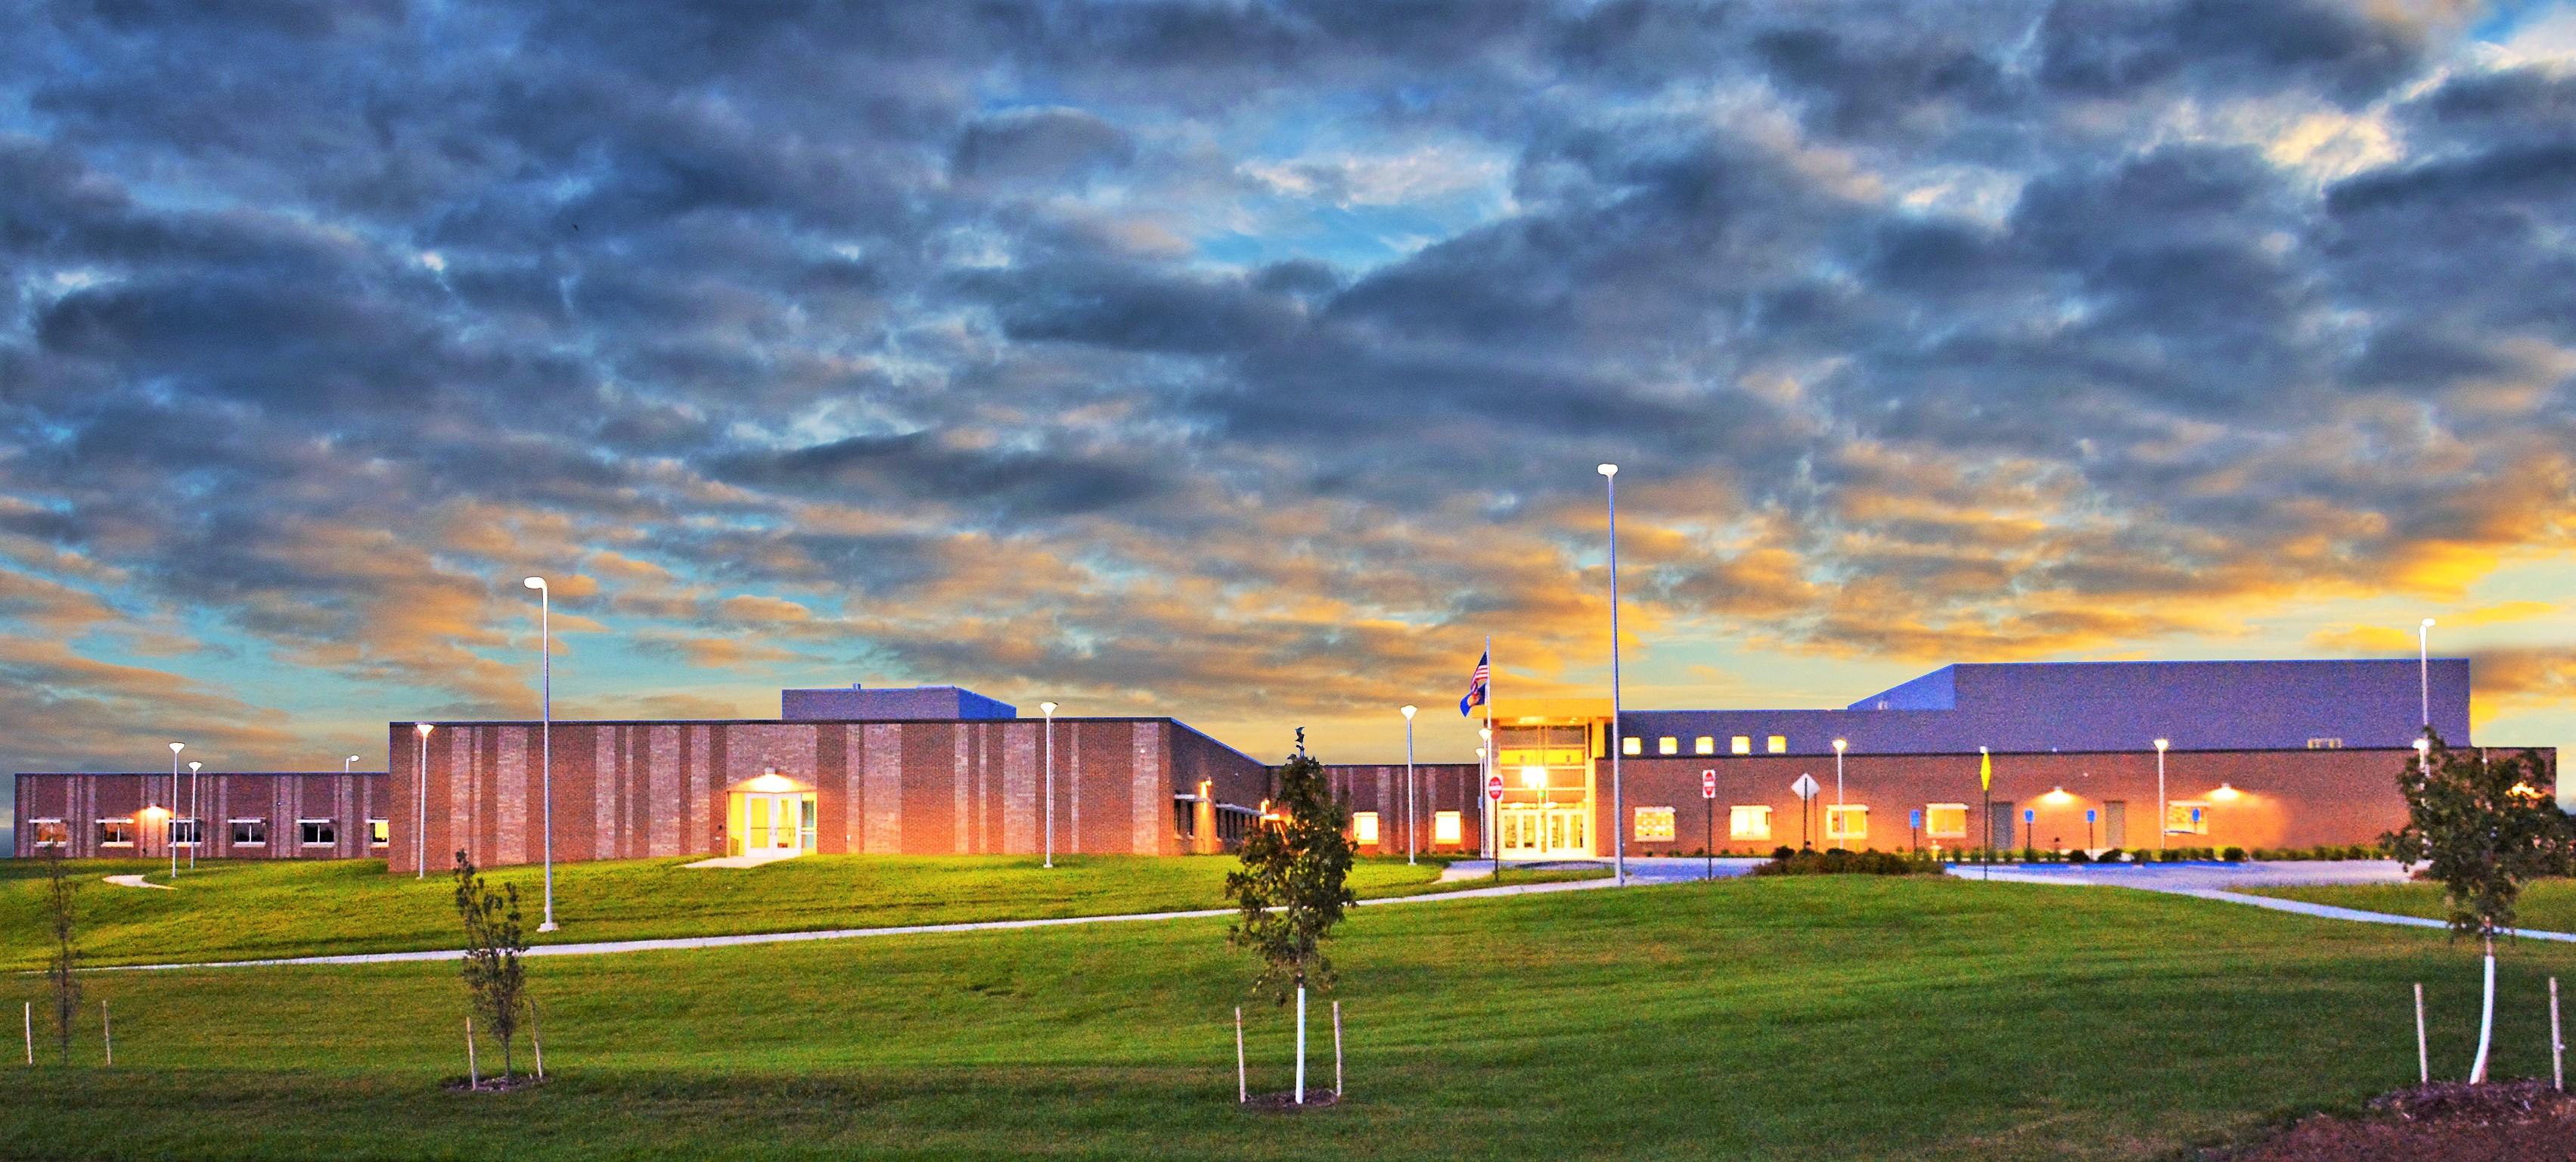 Aspen Creek Elementary School